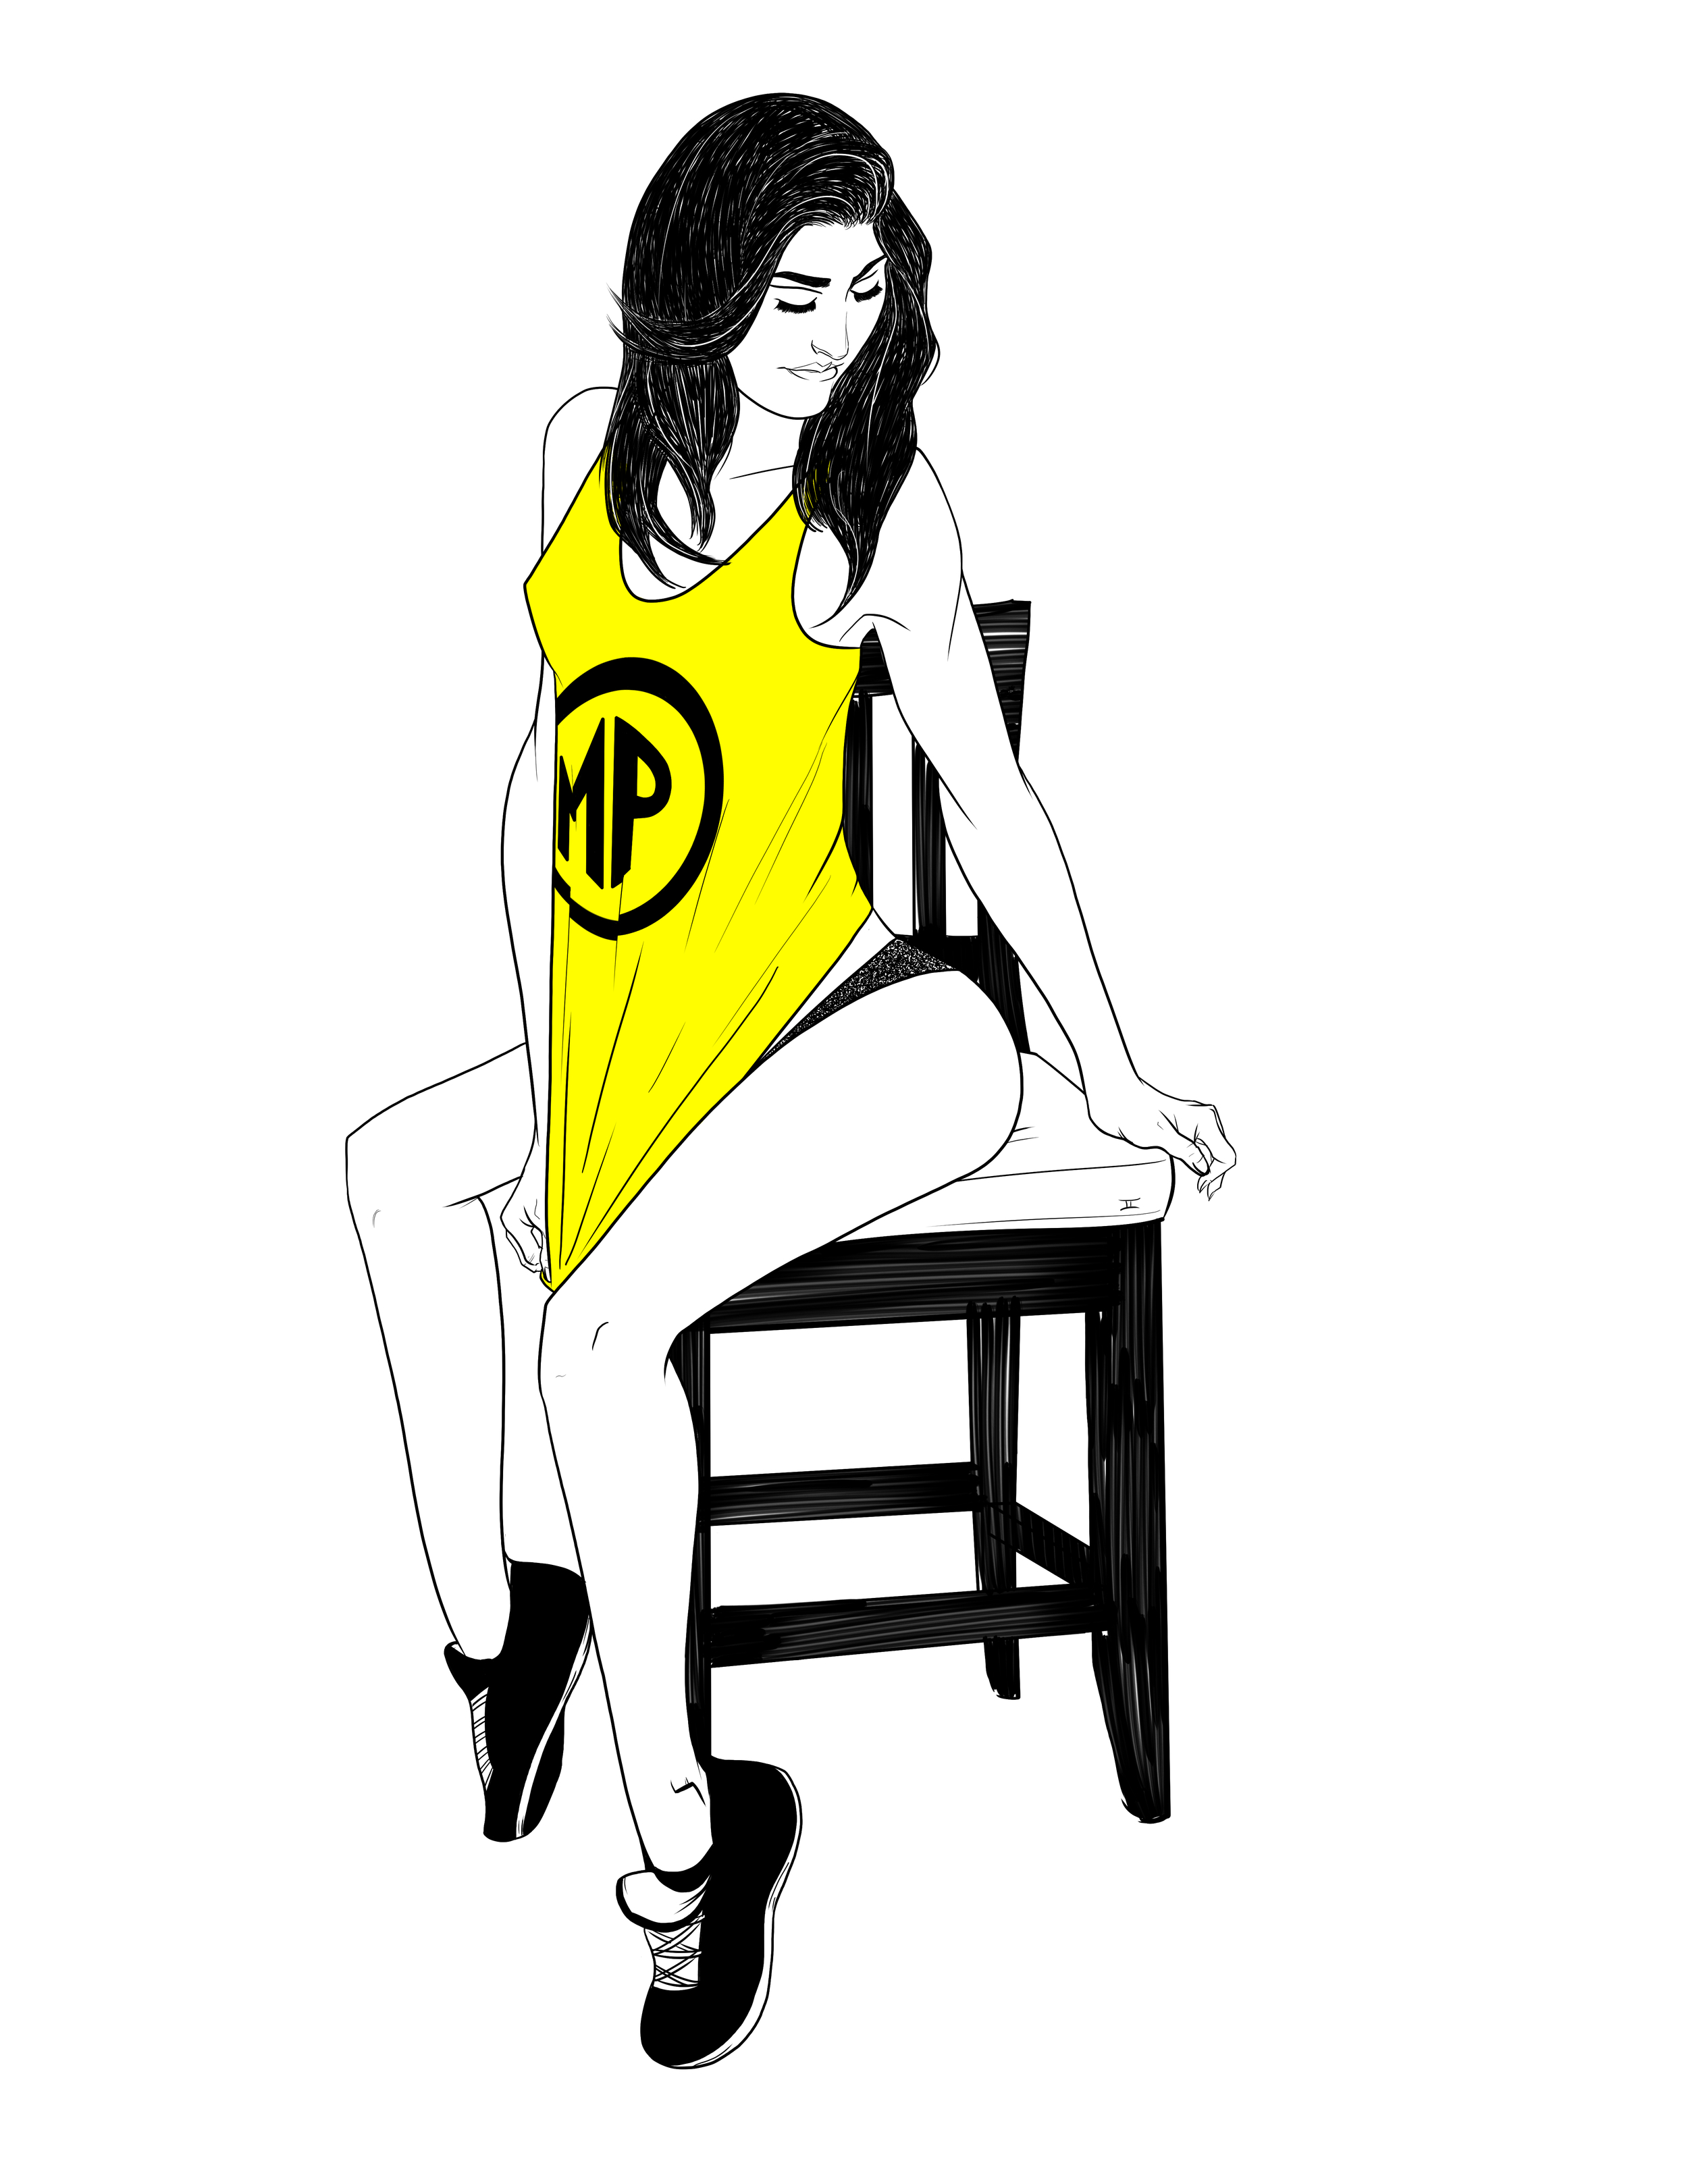 MP girl.jpg